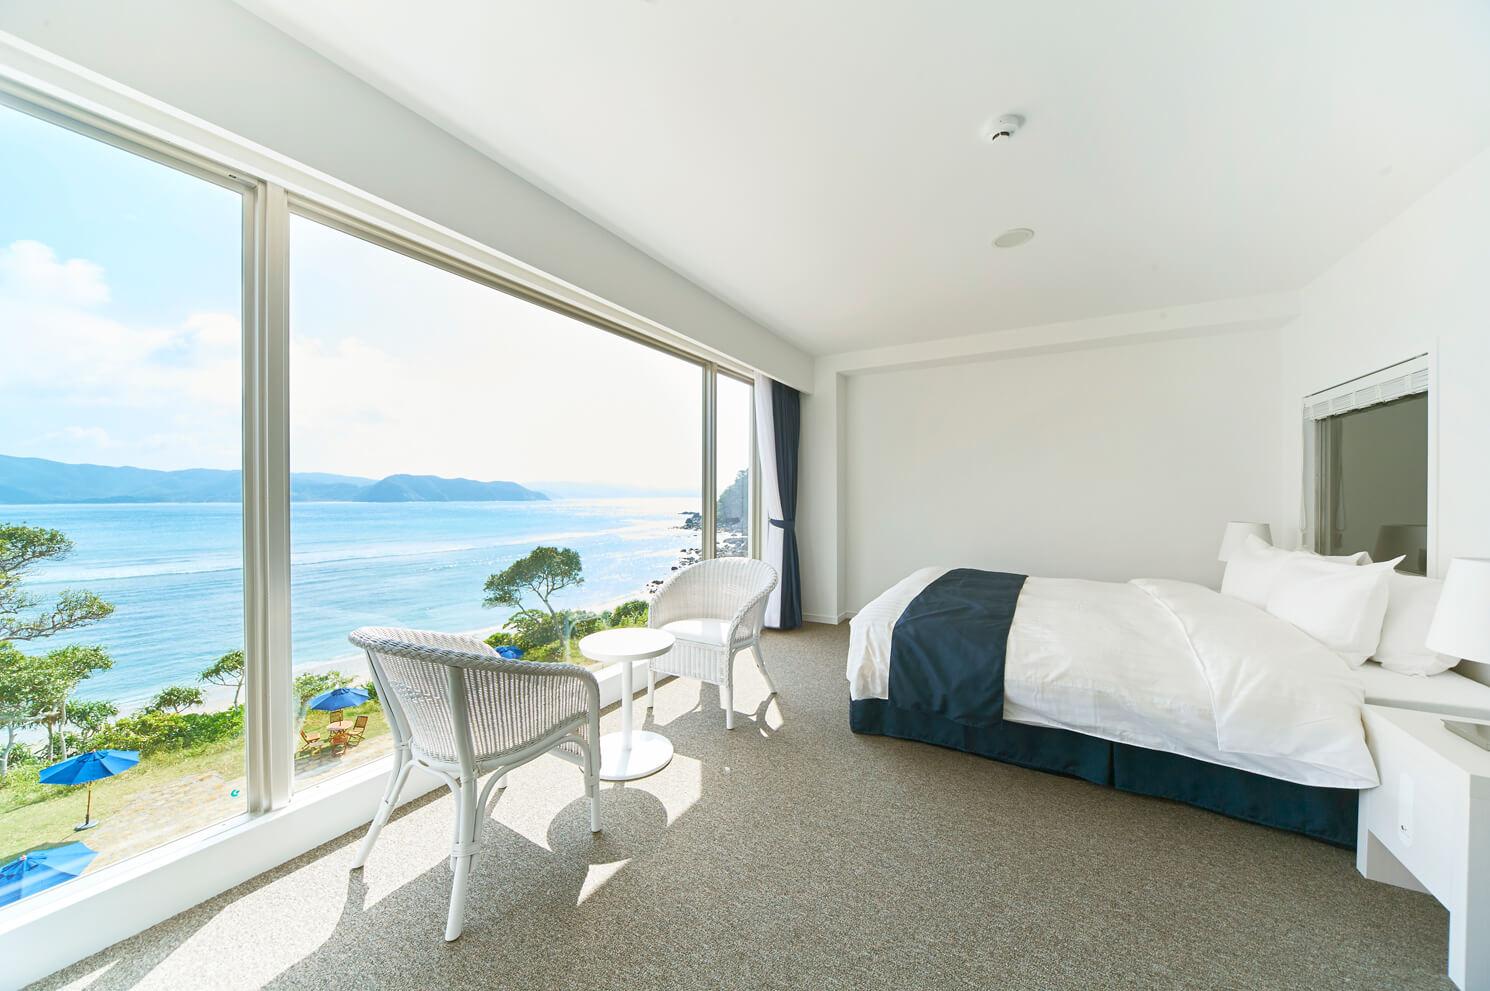 癒しの極上SPAプラン | 奄美大島 | HOTEL THE SCENE